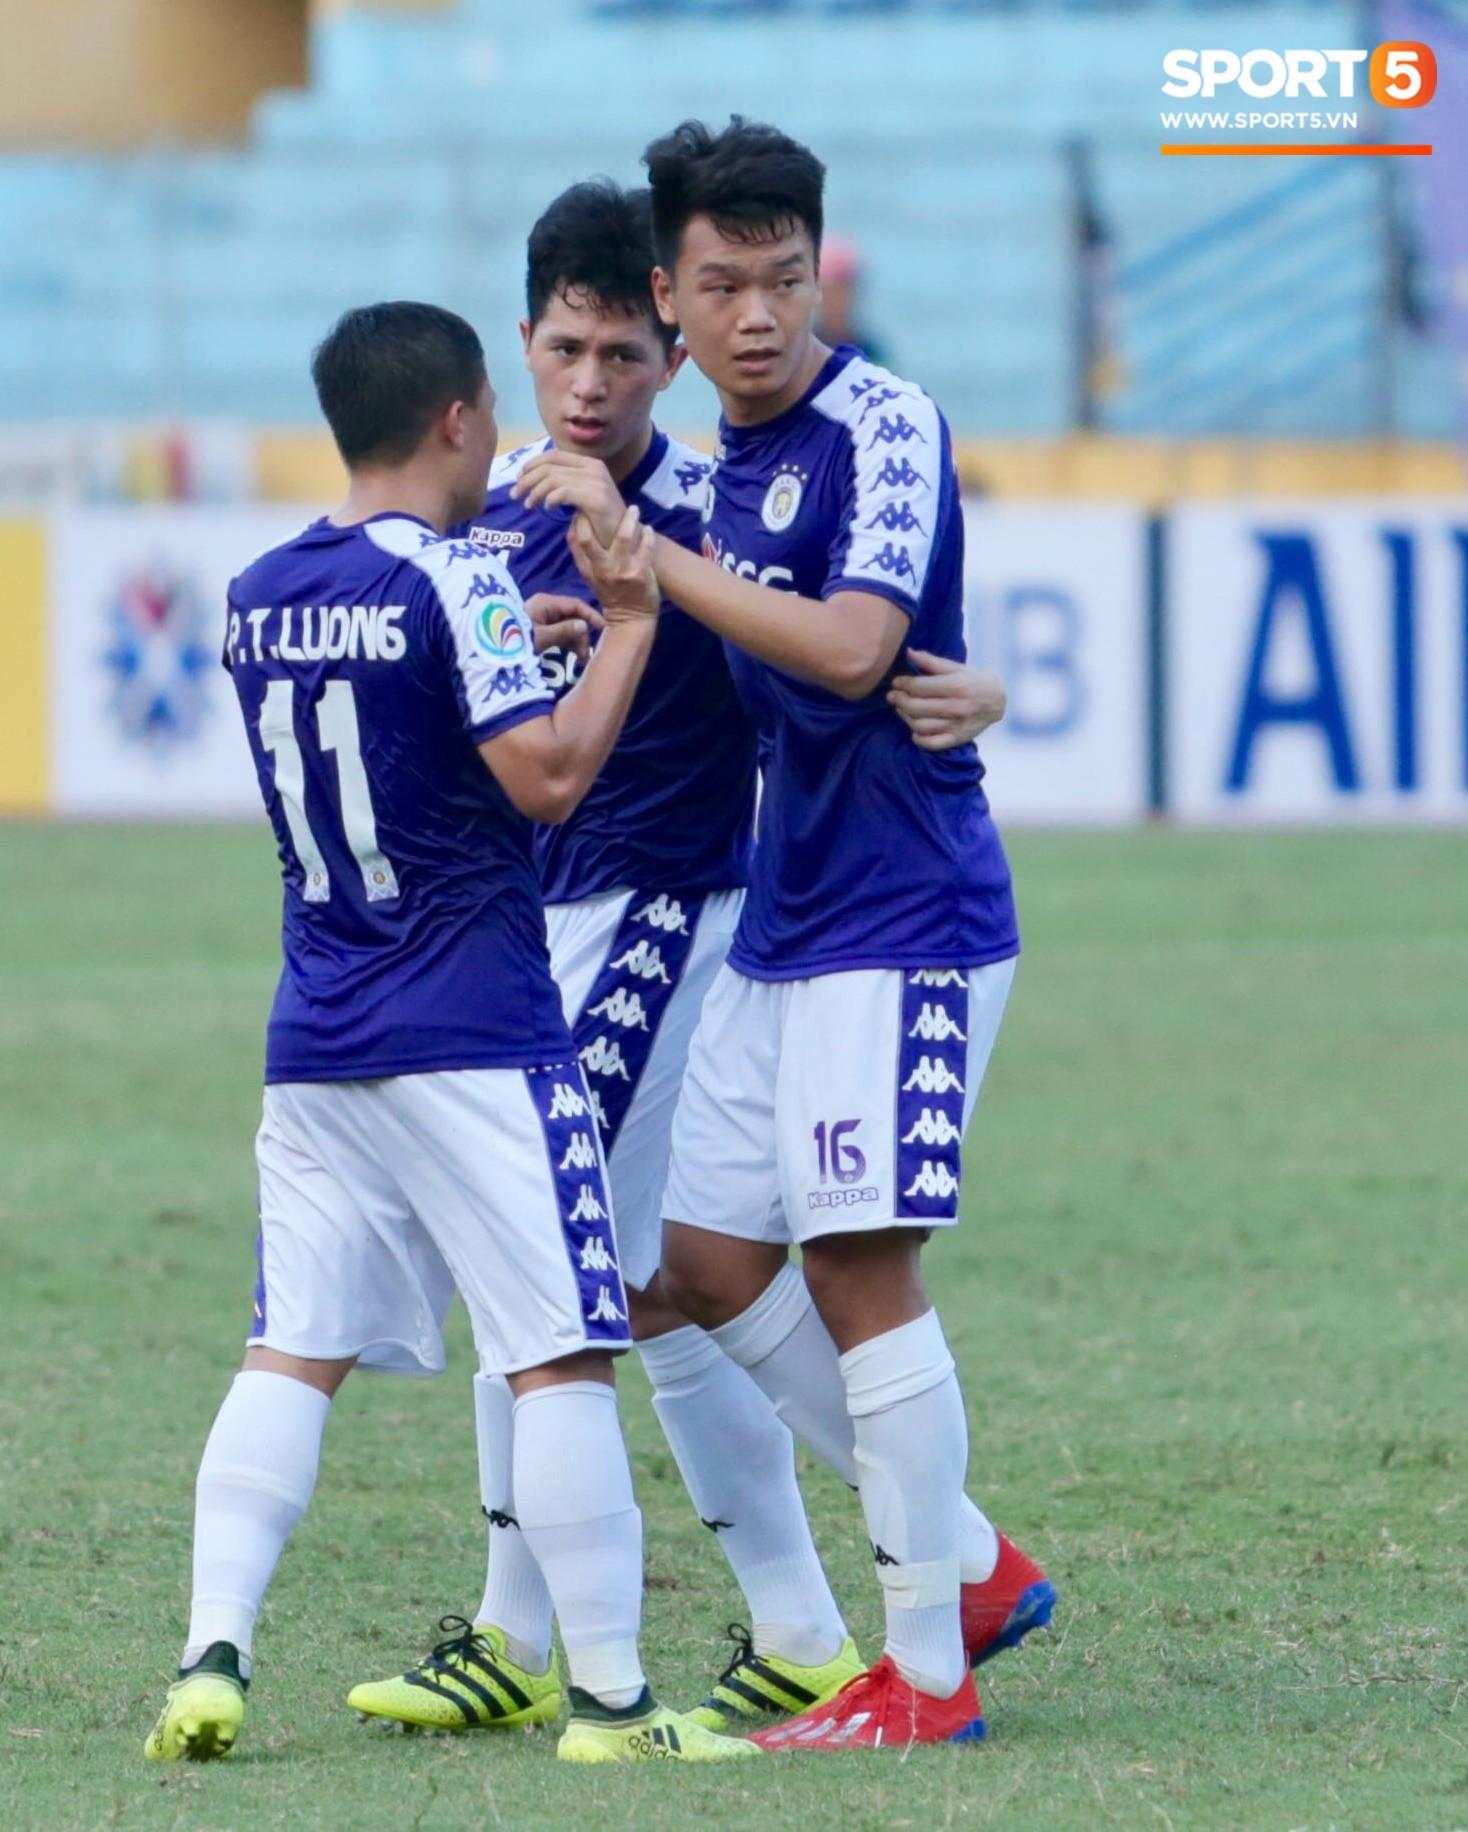 Khó tin: Hà Nội FC phải đá 4 trận bán kết, 3 trận chung kết nếu muốn vô địch giải châu Á - Ảnh 1.